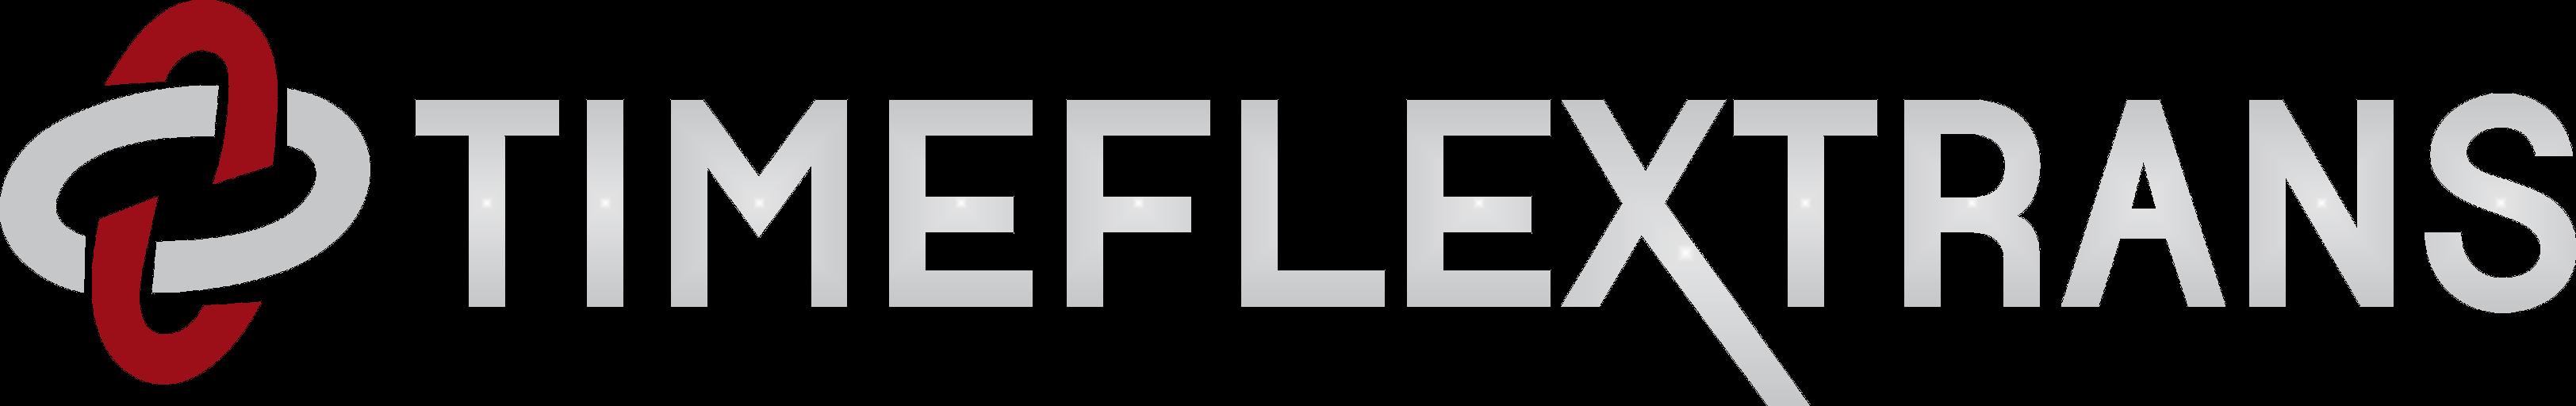 Timeflextrans